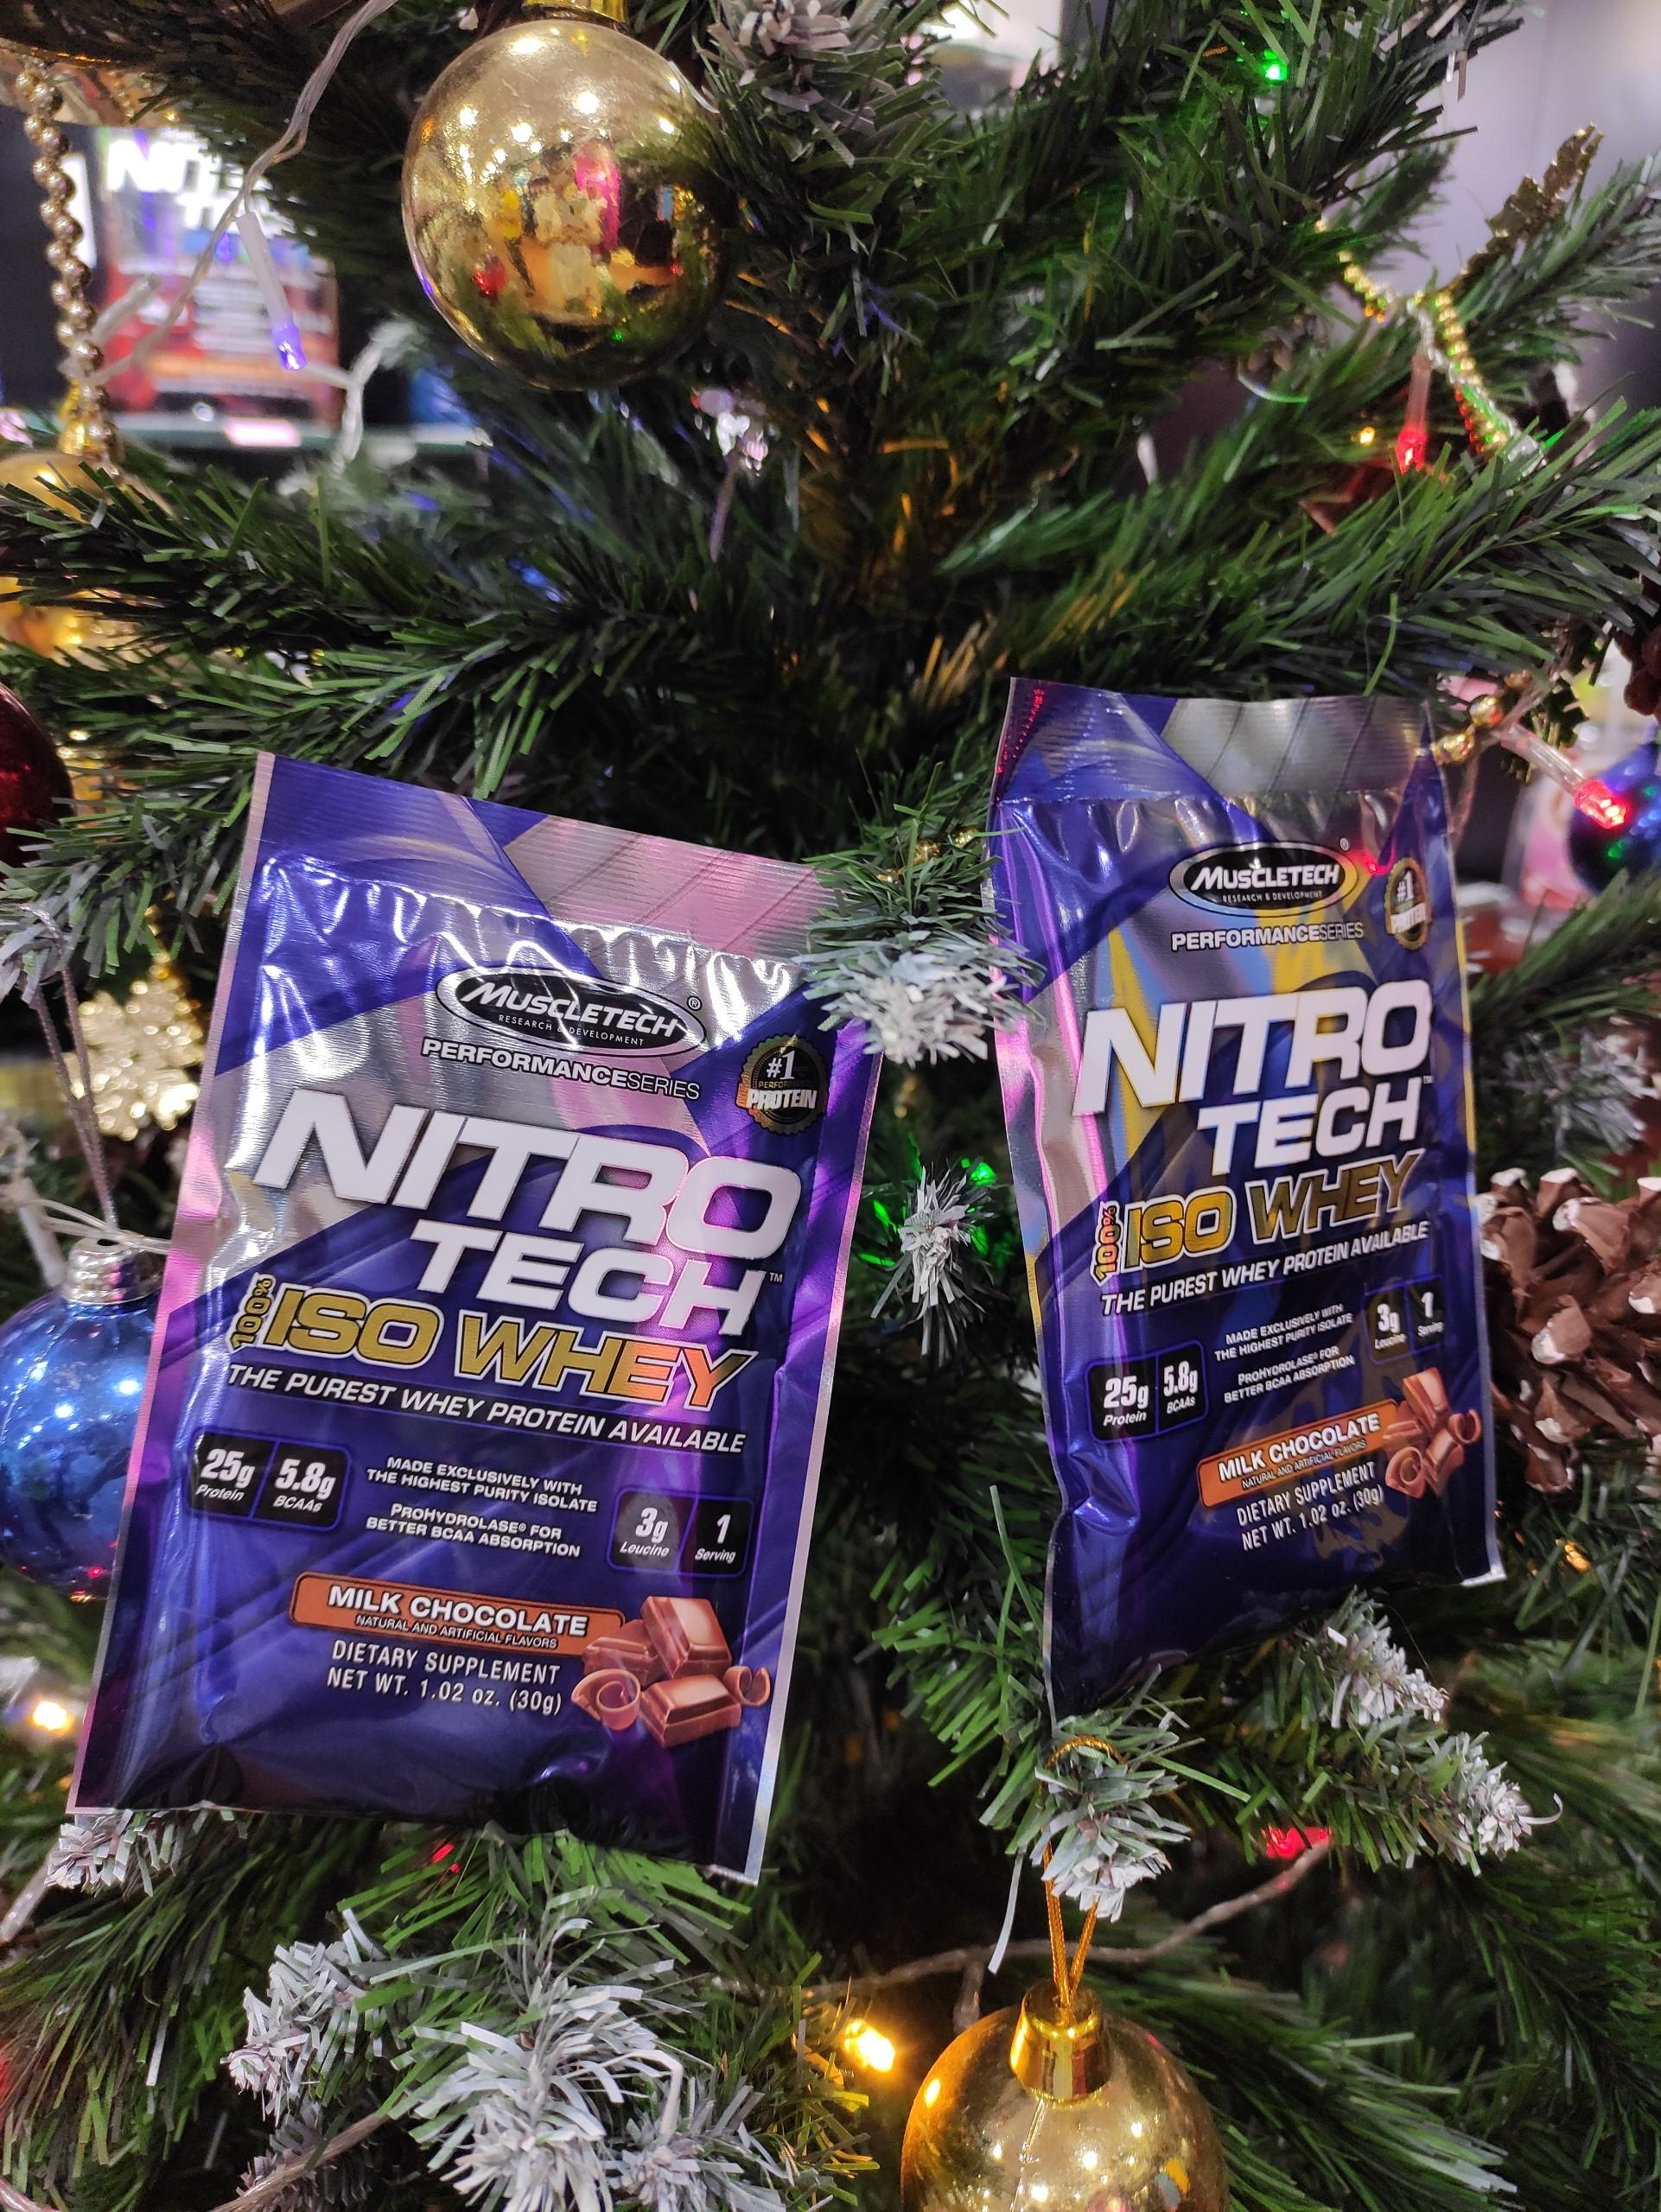 Gói mẫu dùng thử 1 lần dùng - Nitro tech Iso Whey - Hãng Muscletech